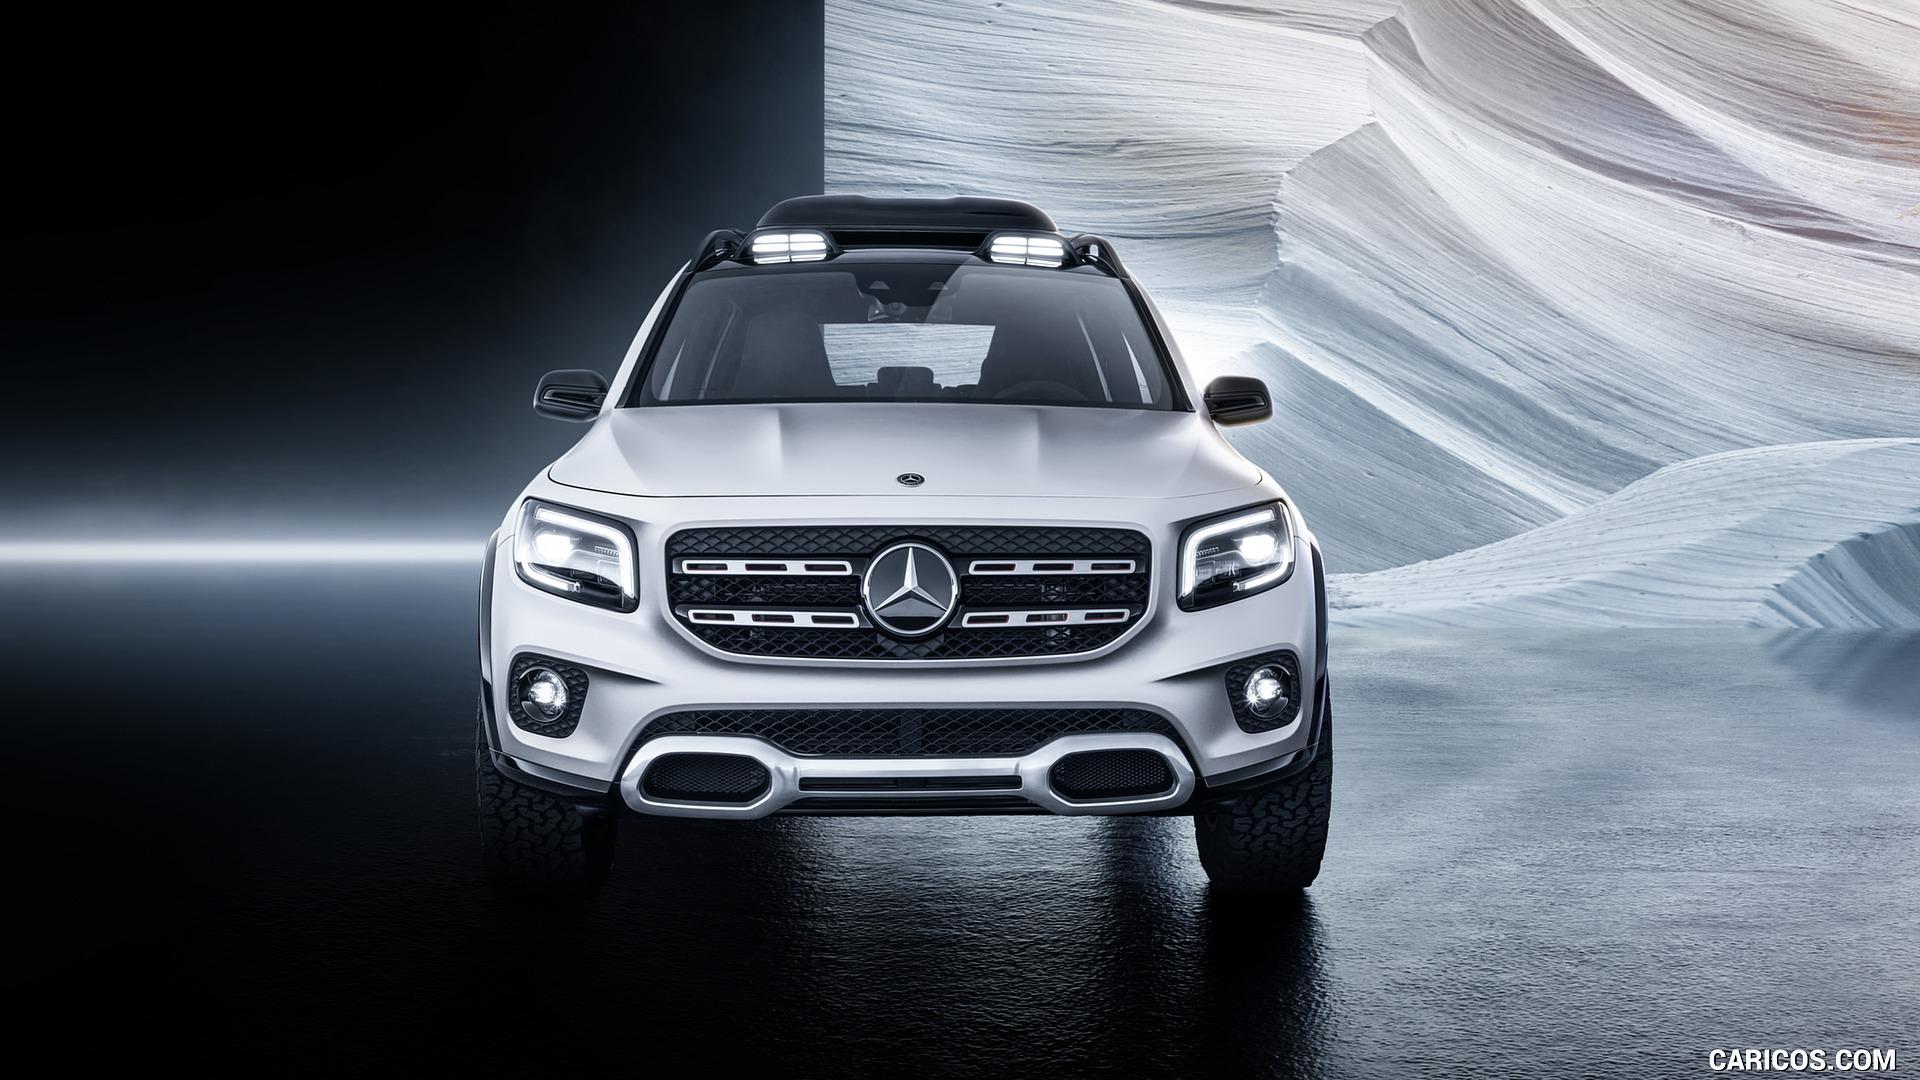 2019 Mercedes Benz GLB Concept   Front HD Wallpaper 5 1920x1080